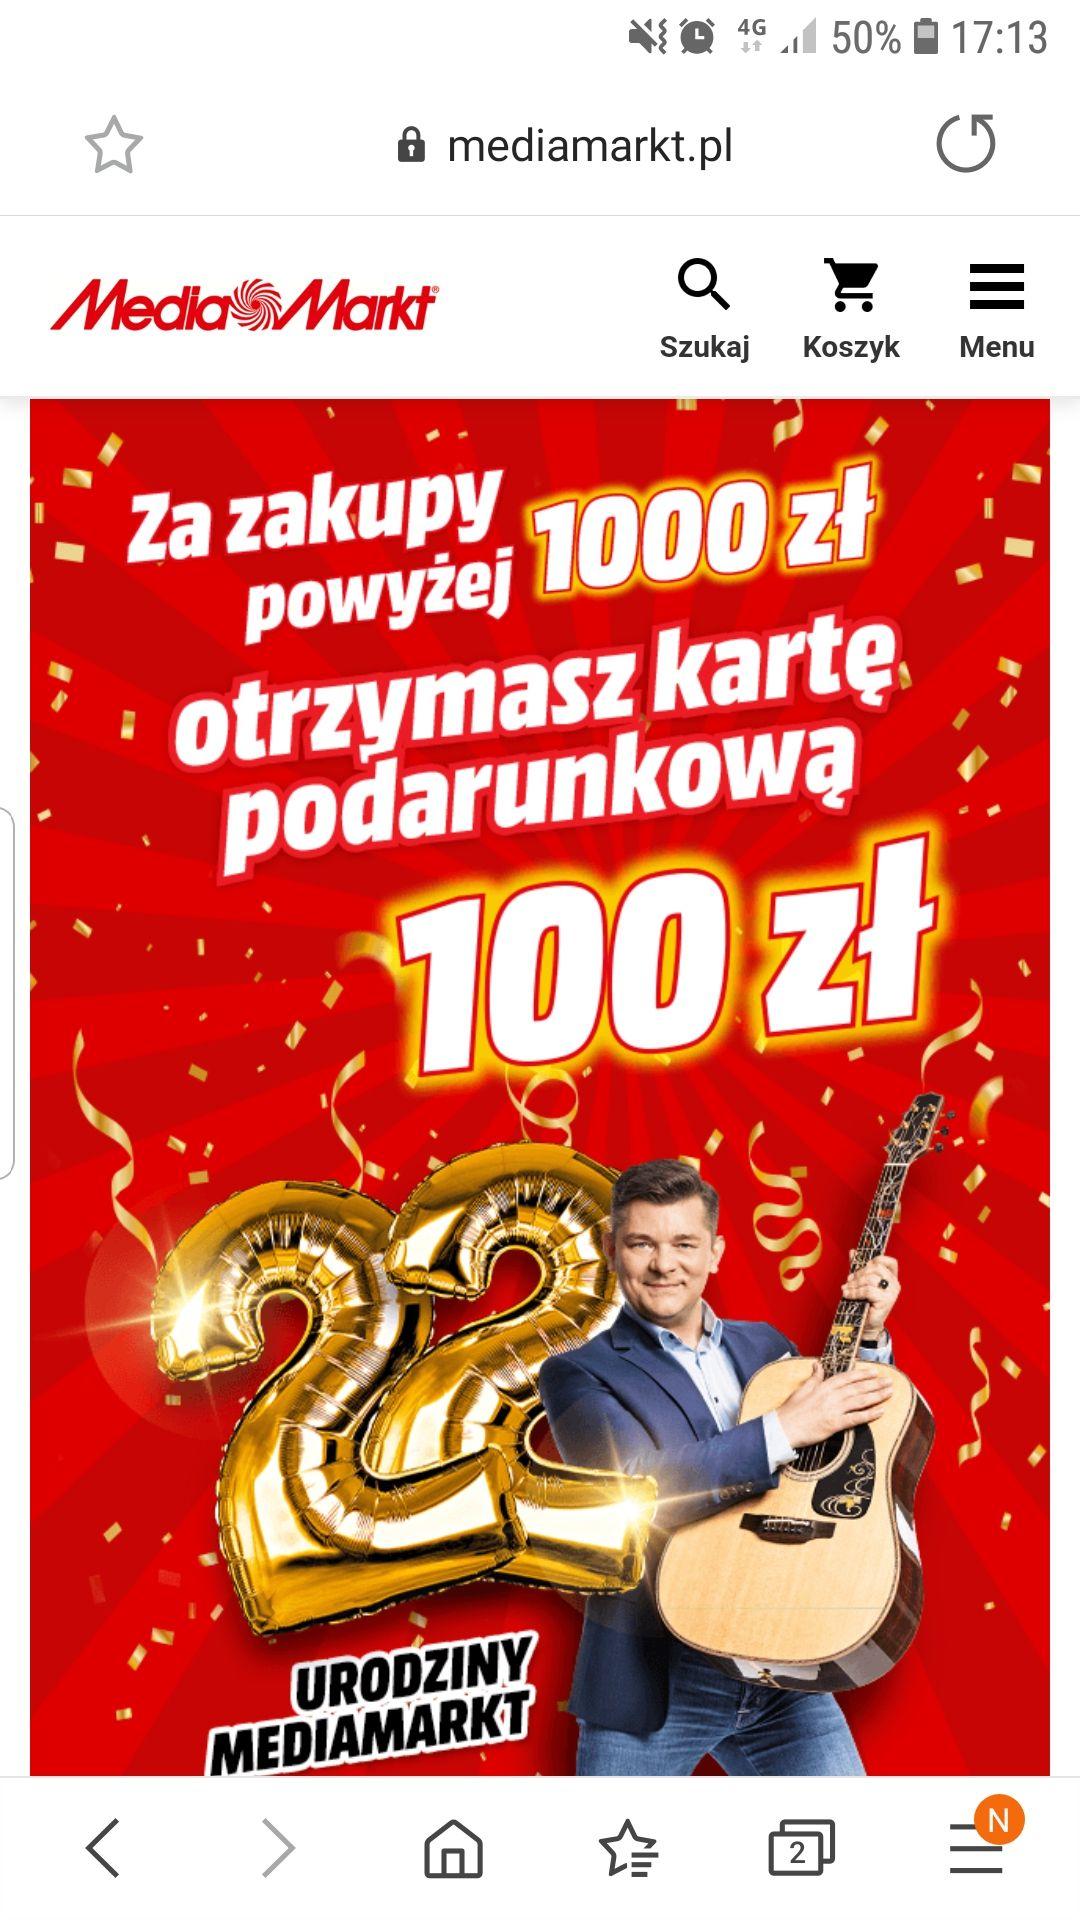 Media Markt 22 urodziny. 100zł na karcie podarunkowej za zakupy powyżej 1000zł